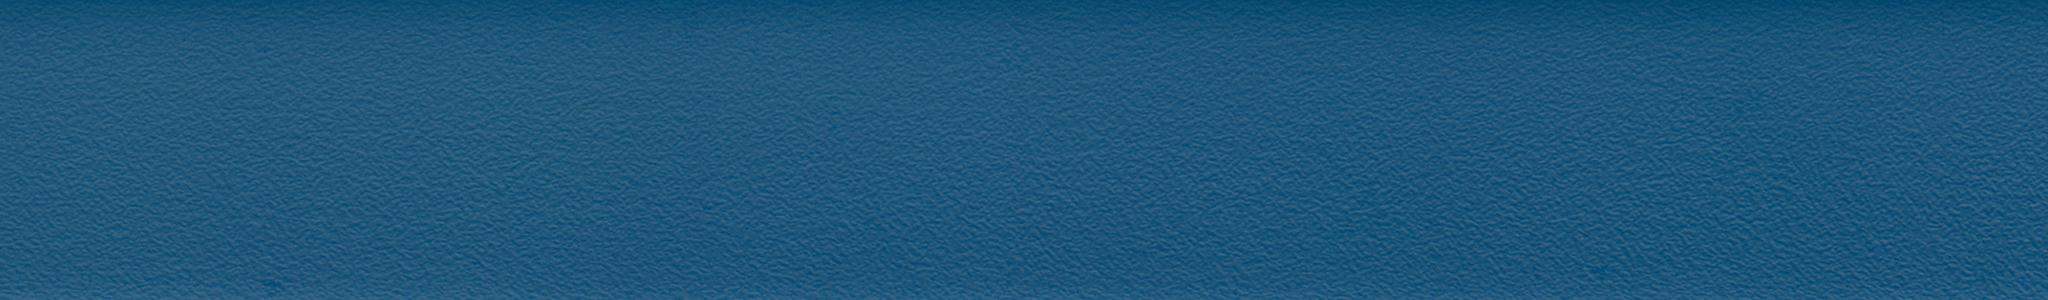 HU 15505 ABS hrana modrá perla XG